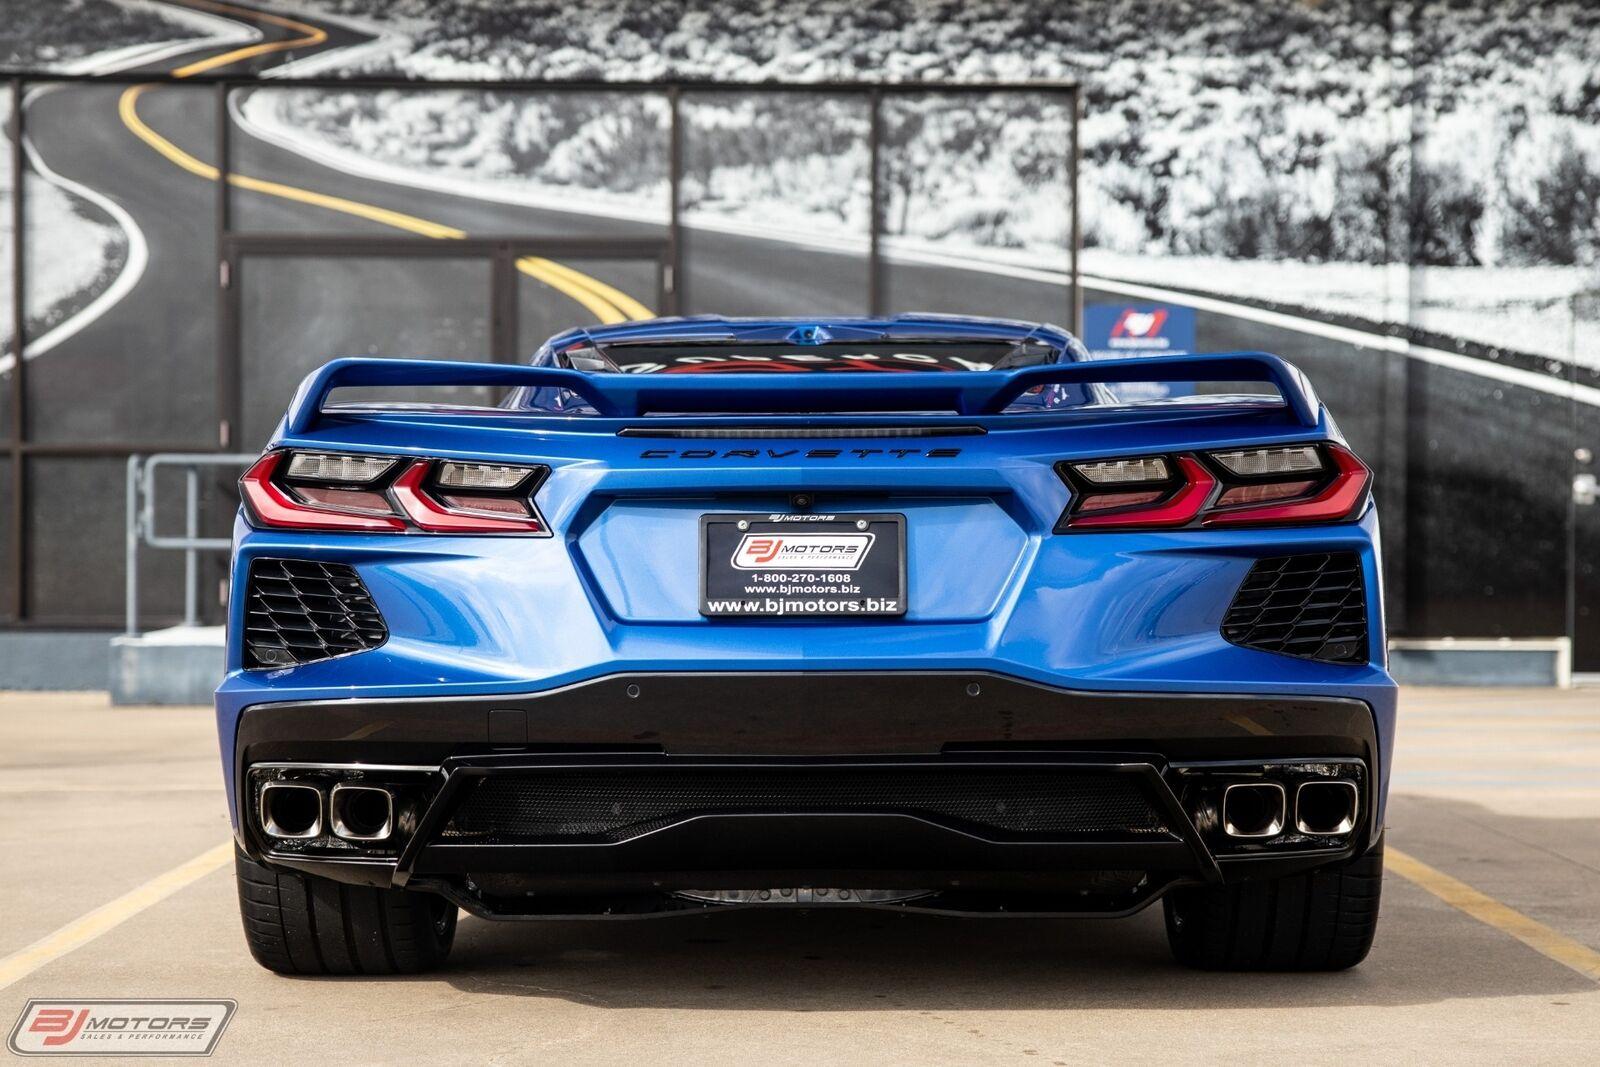 2020 Blue Chevrolet Corvette  2LT | C7 Corvette Photo 4